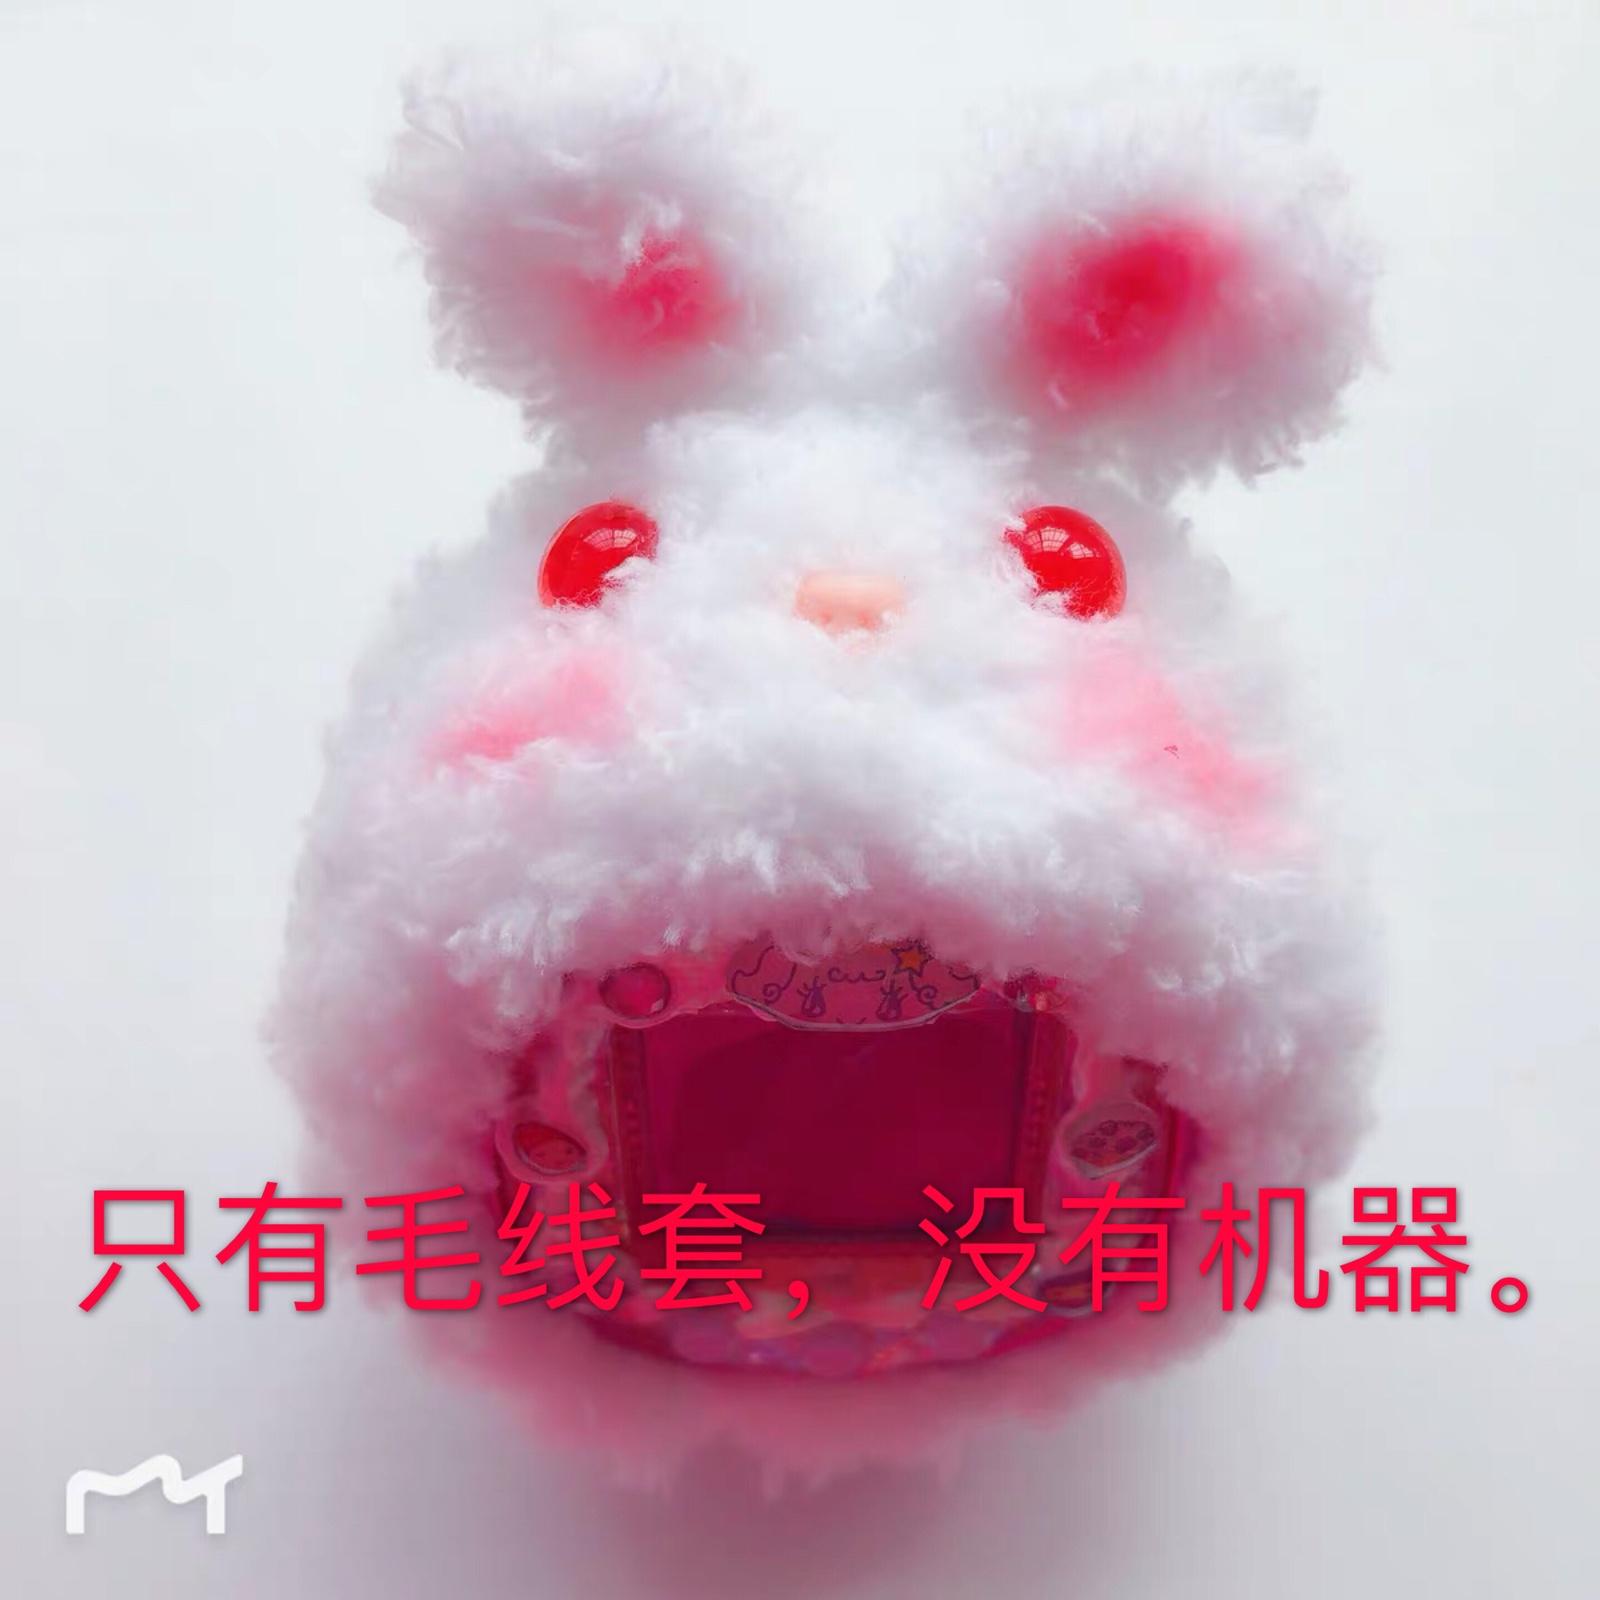 【锦然时光】兔子耳朵拓麻歌子电子宠物保护毛线套4u 4u+ mix ps(用1元券)